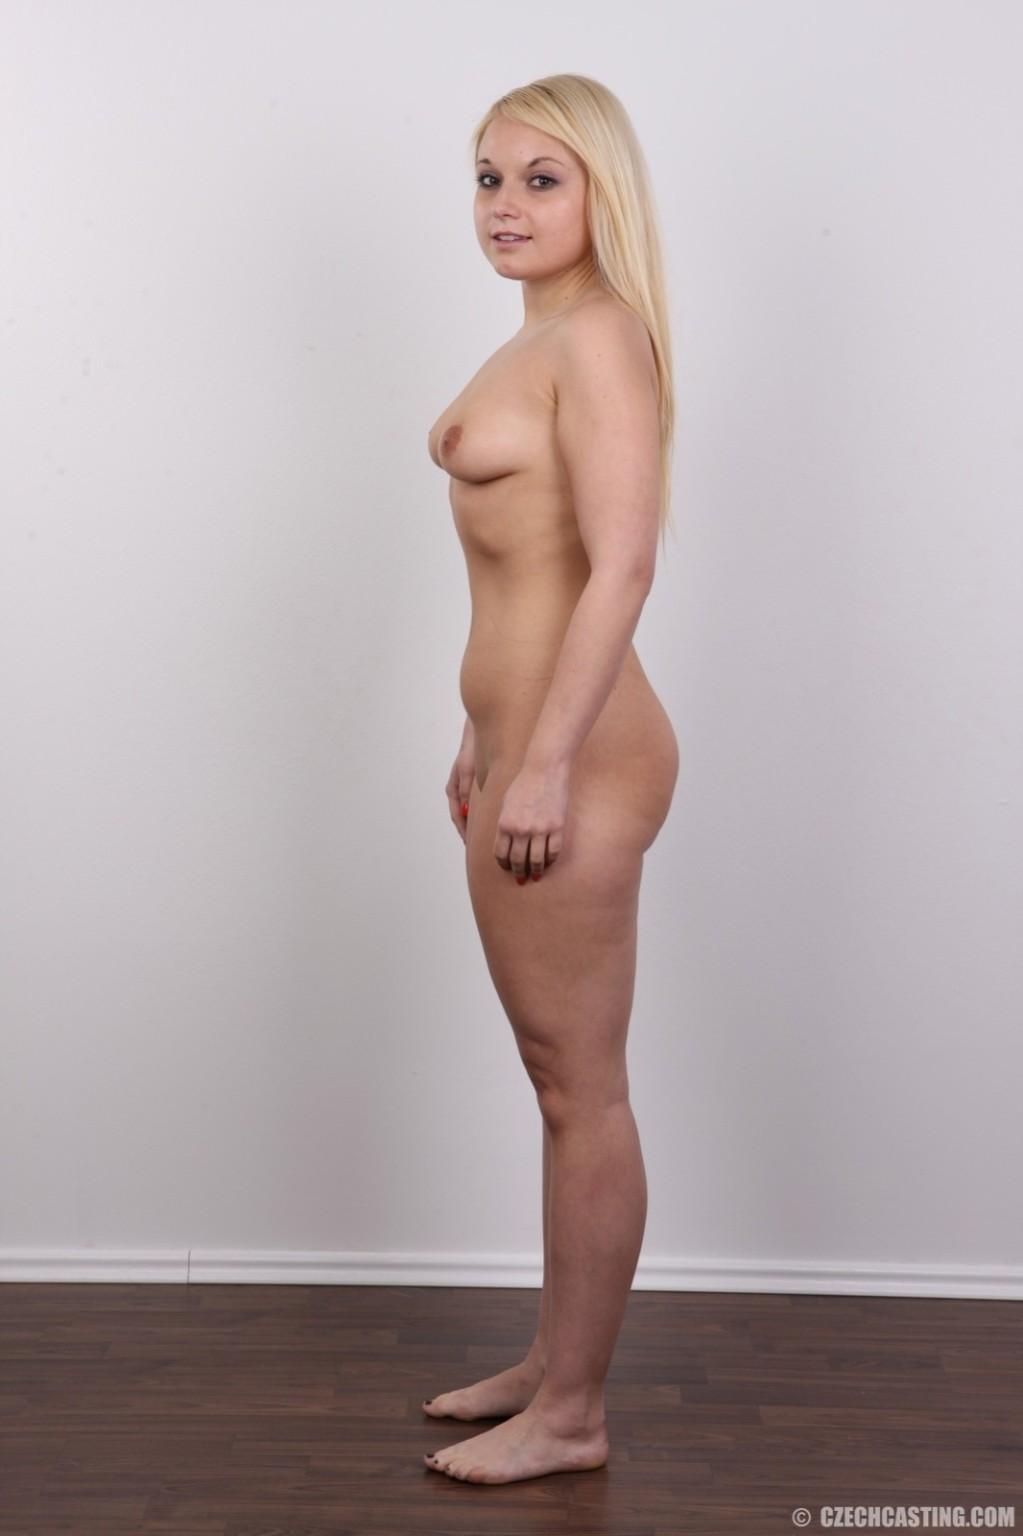 Крутая голая модель со свелыми волосами демонстрирует побритую письку на камеру